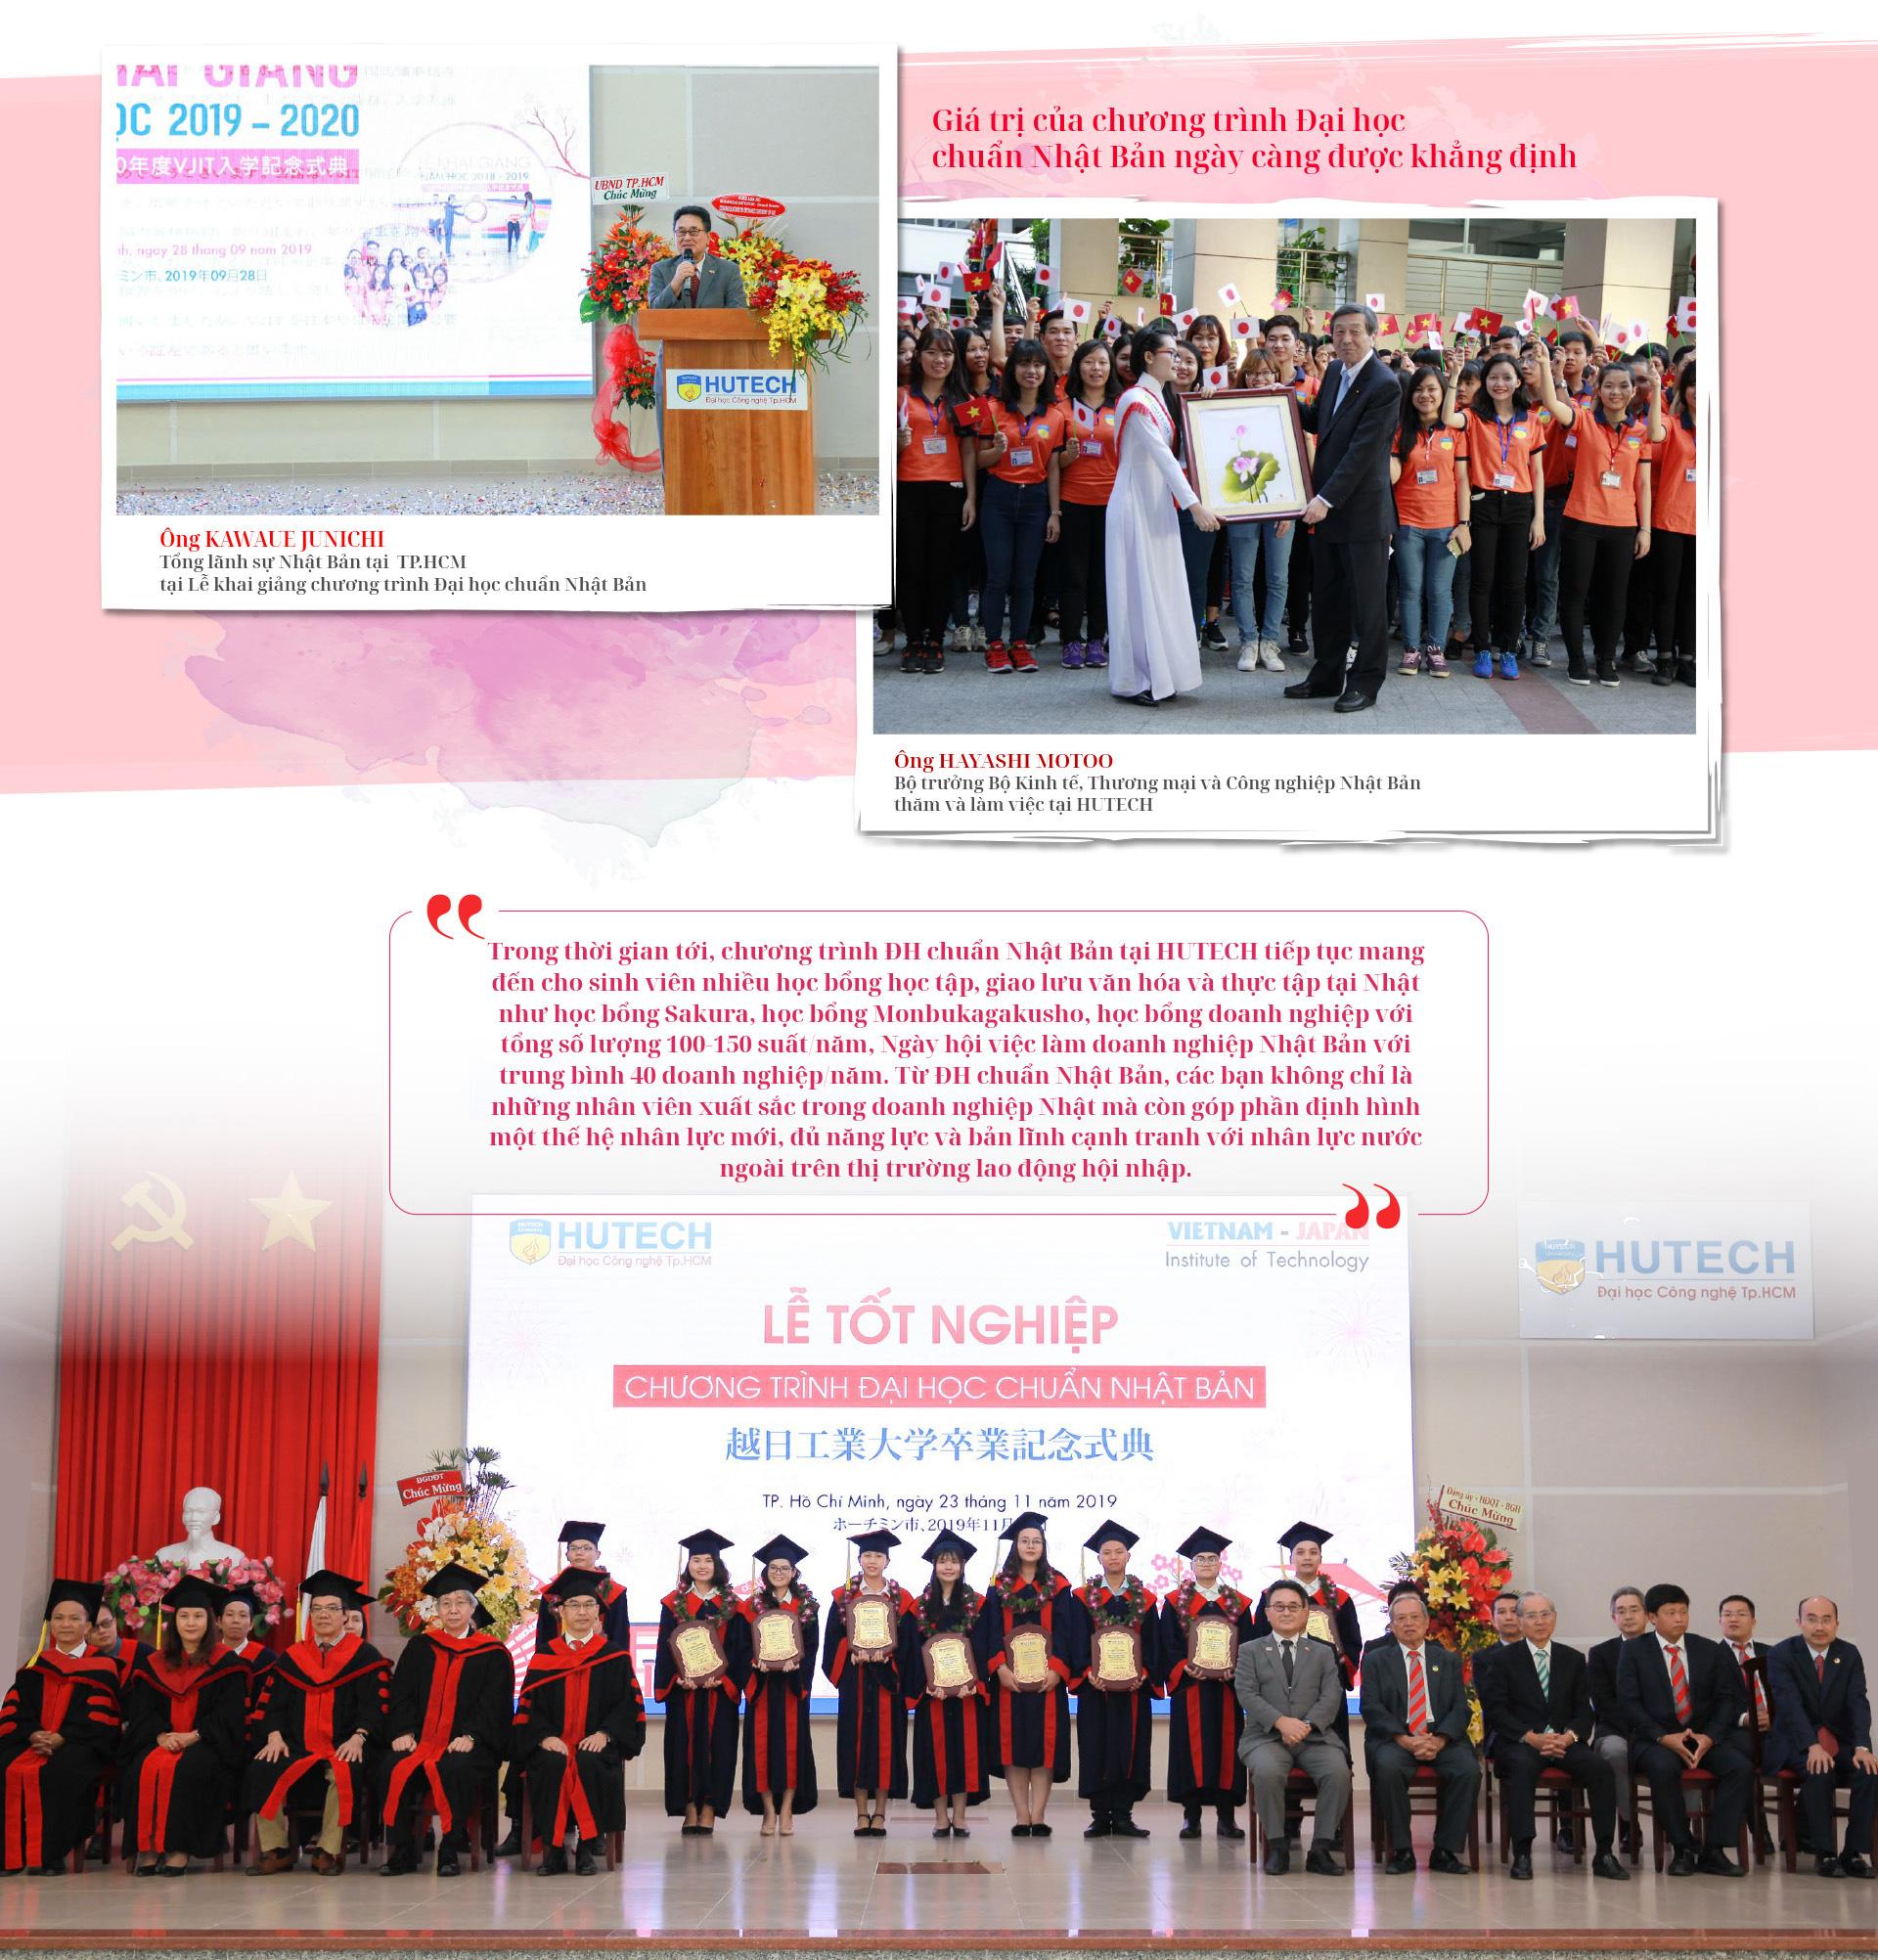 Bản sắc Việt & tác phong Nhật: Giá trị chương trình Đại học chuẩn Nhật Bản - Ảnh 13.